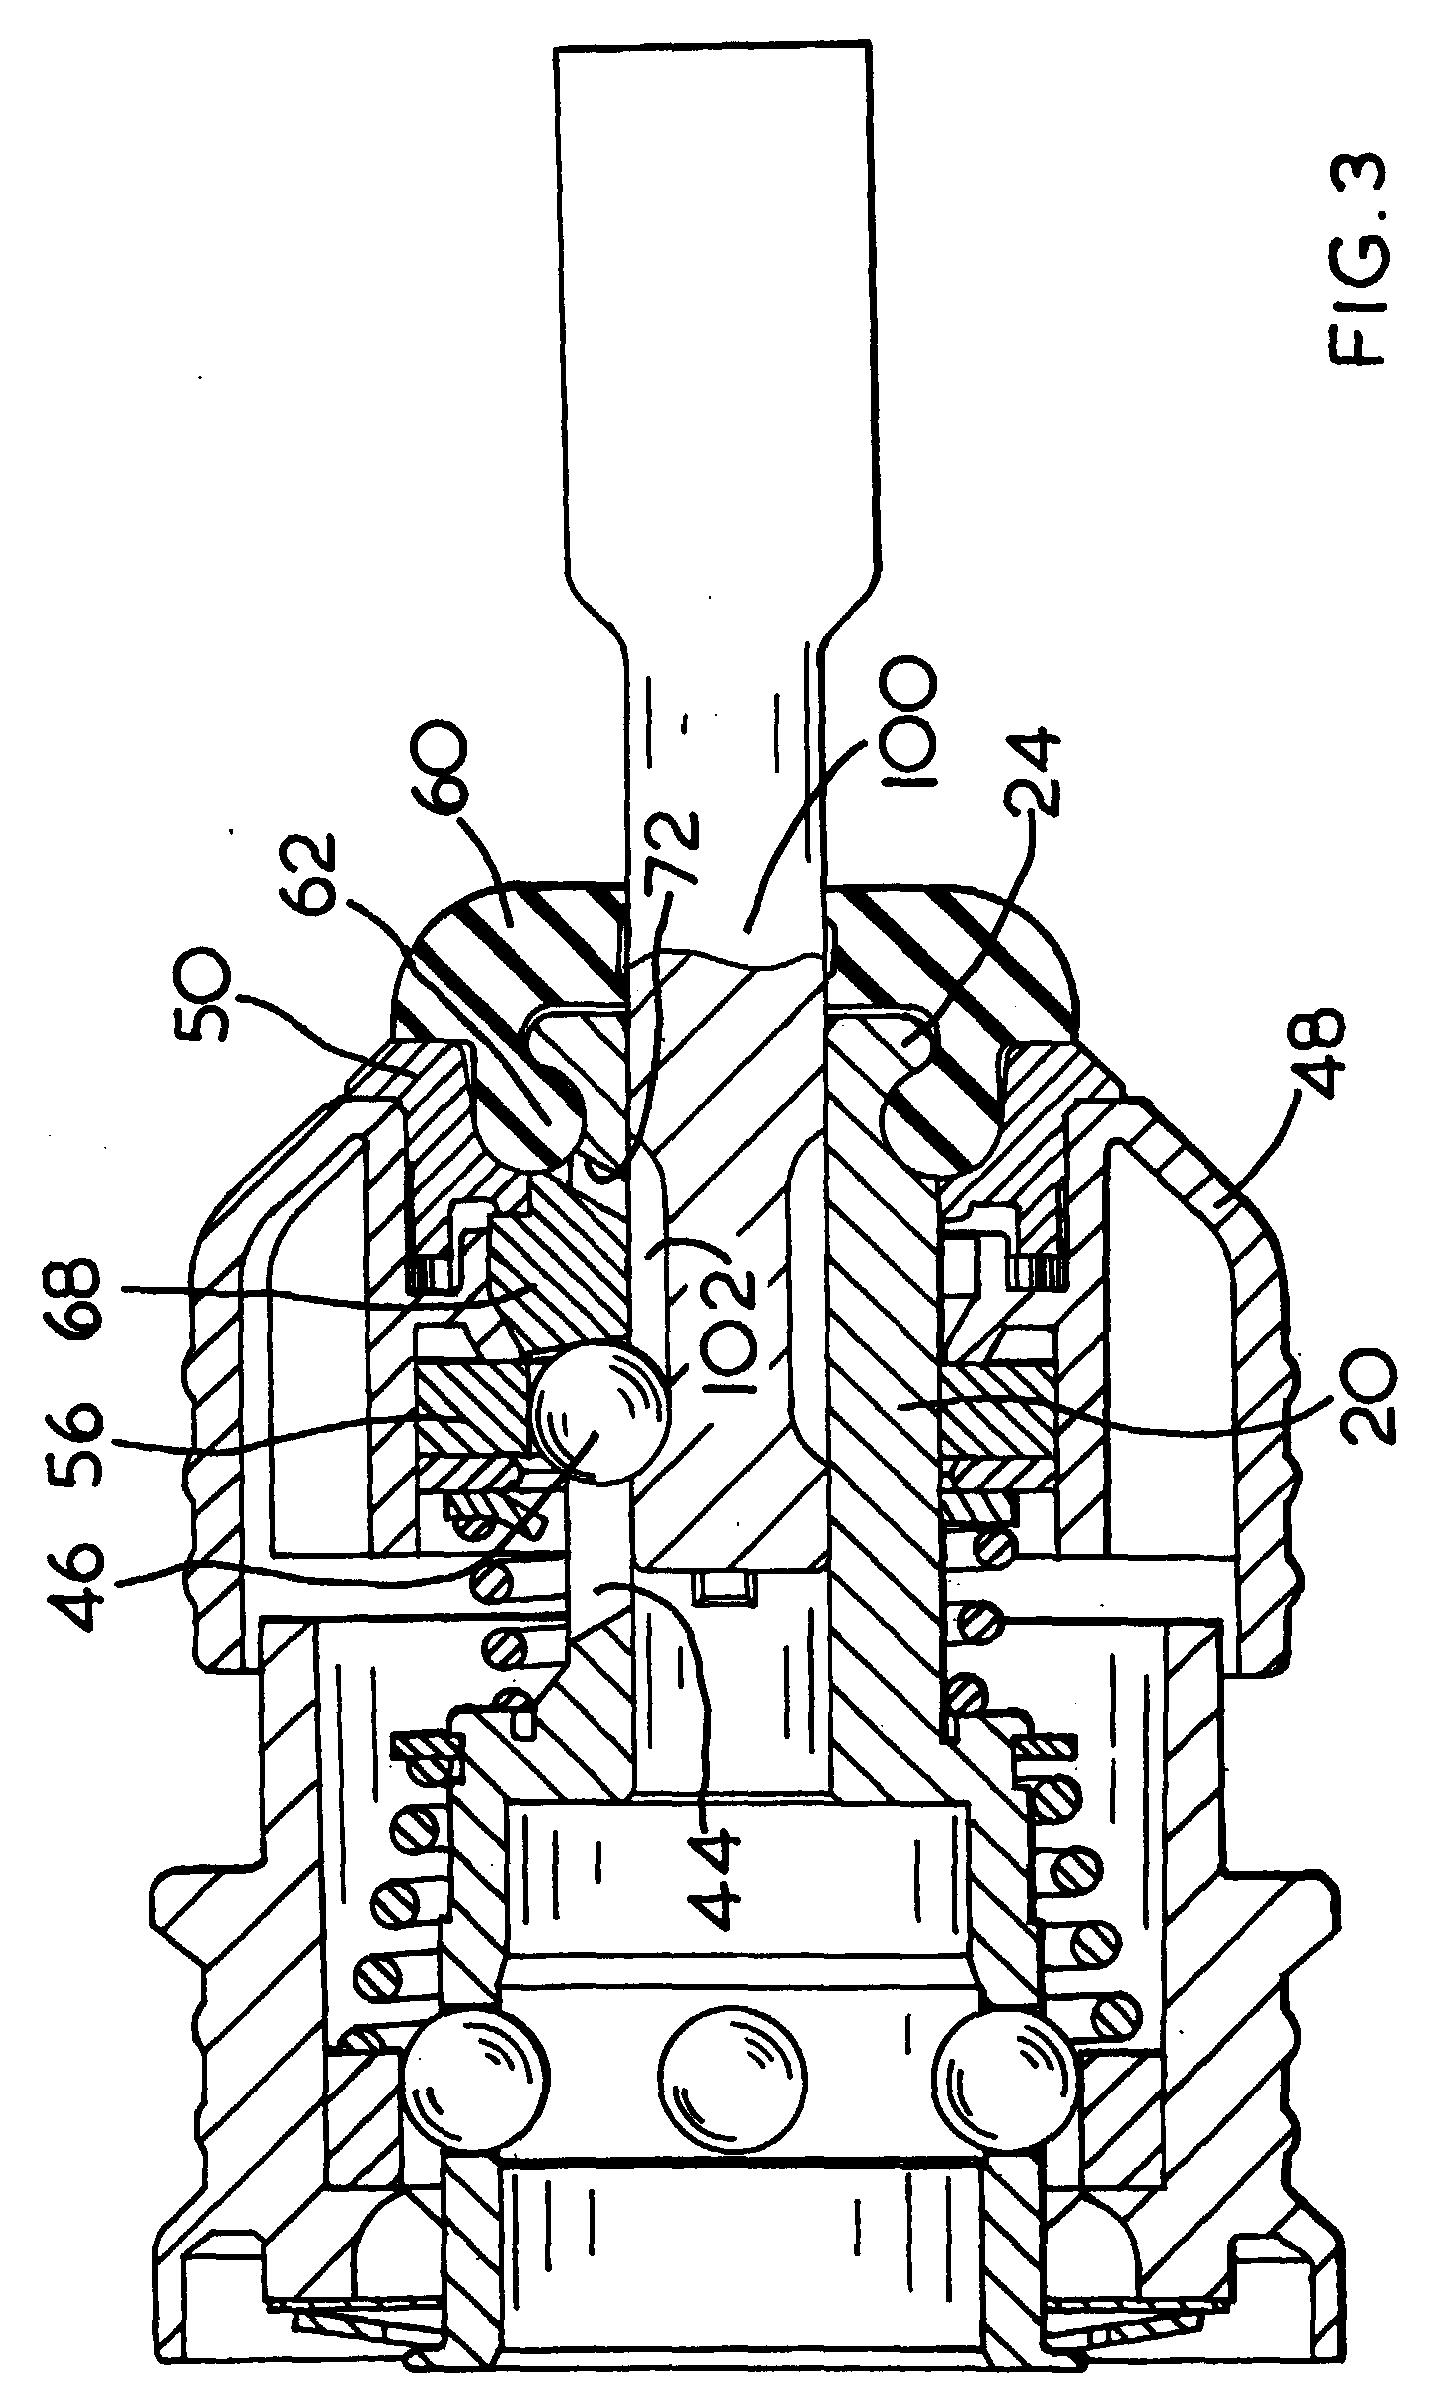 hilti te 24 manual owners manual book u2022 rh rugbyforall us Hilti Drill Bits Hilti TE 25 Parts Diagram